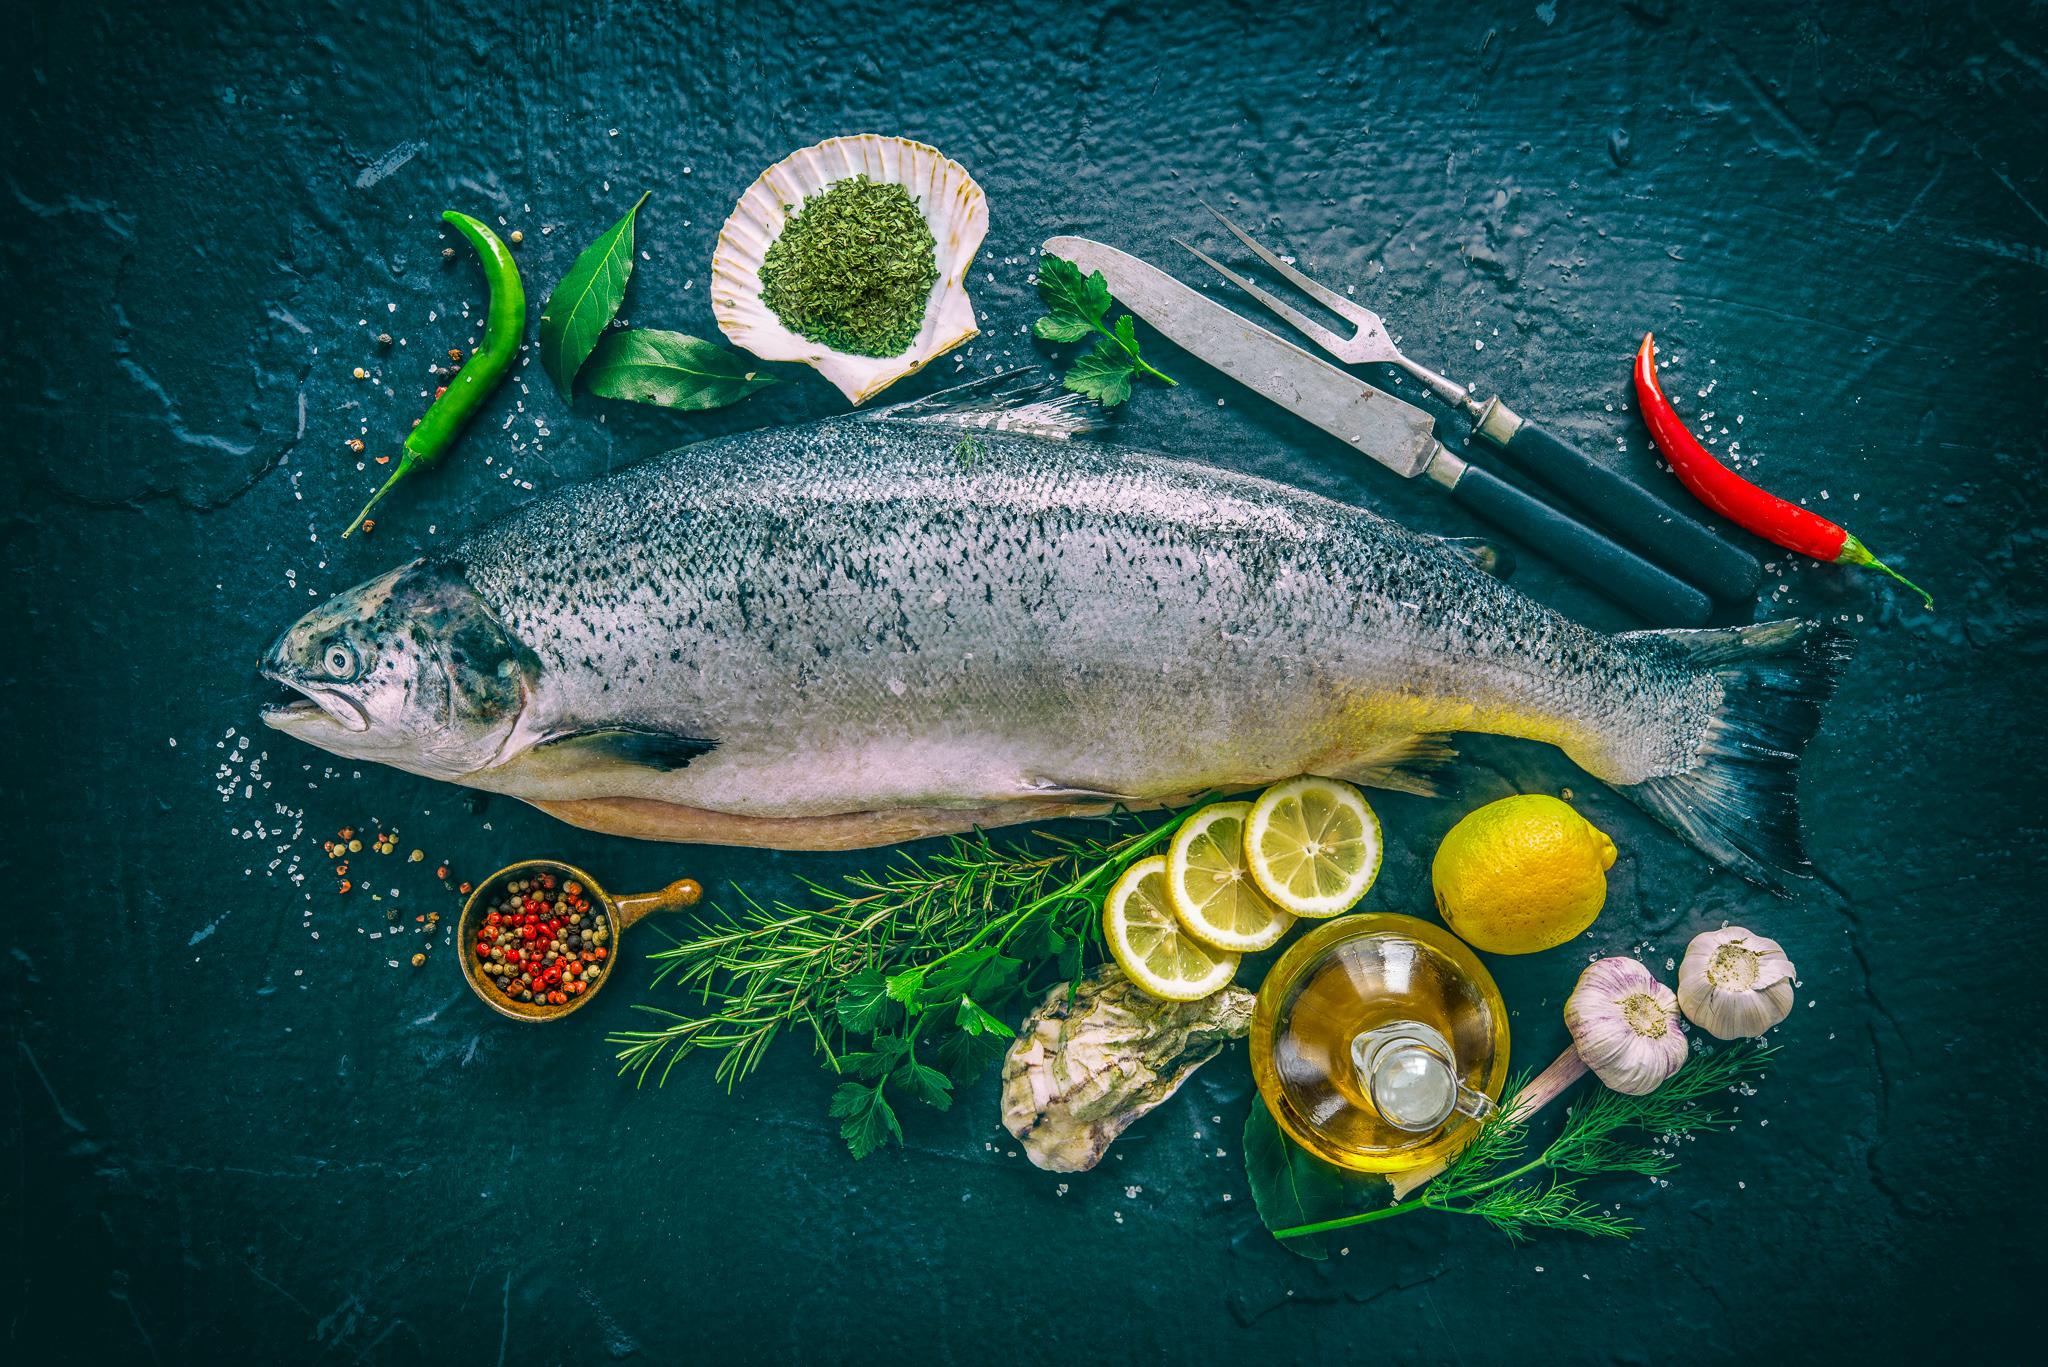 antibiotics in fish farming